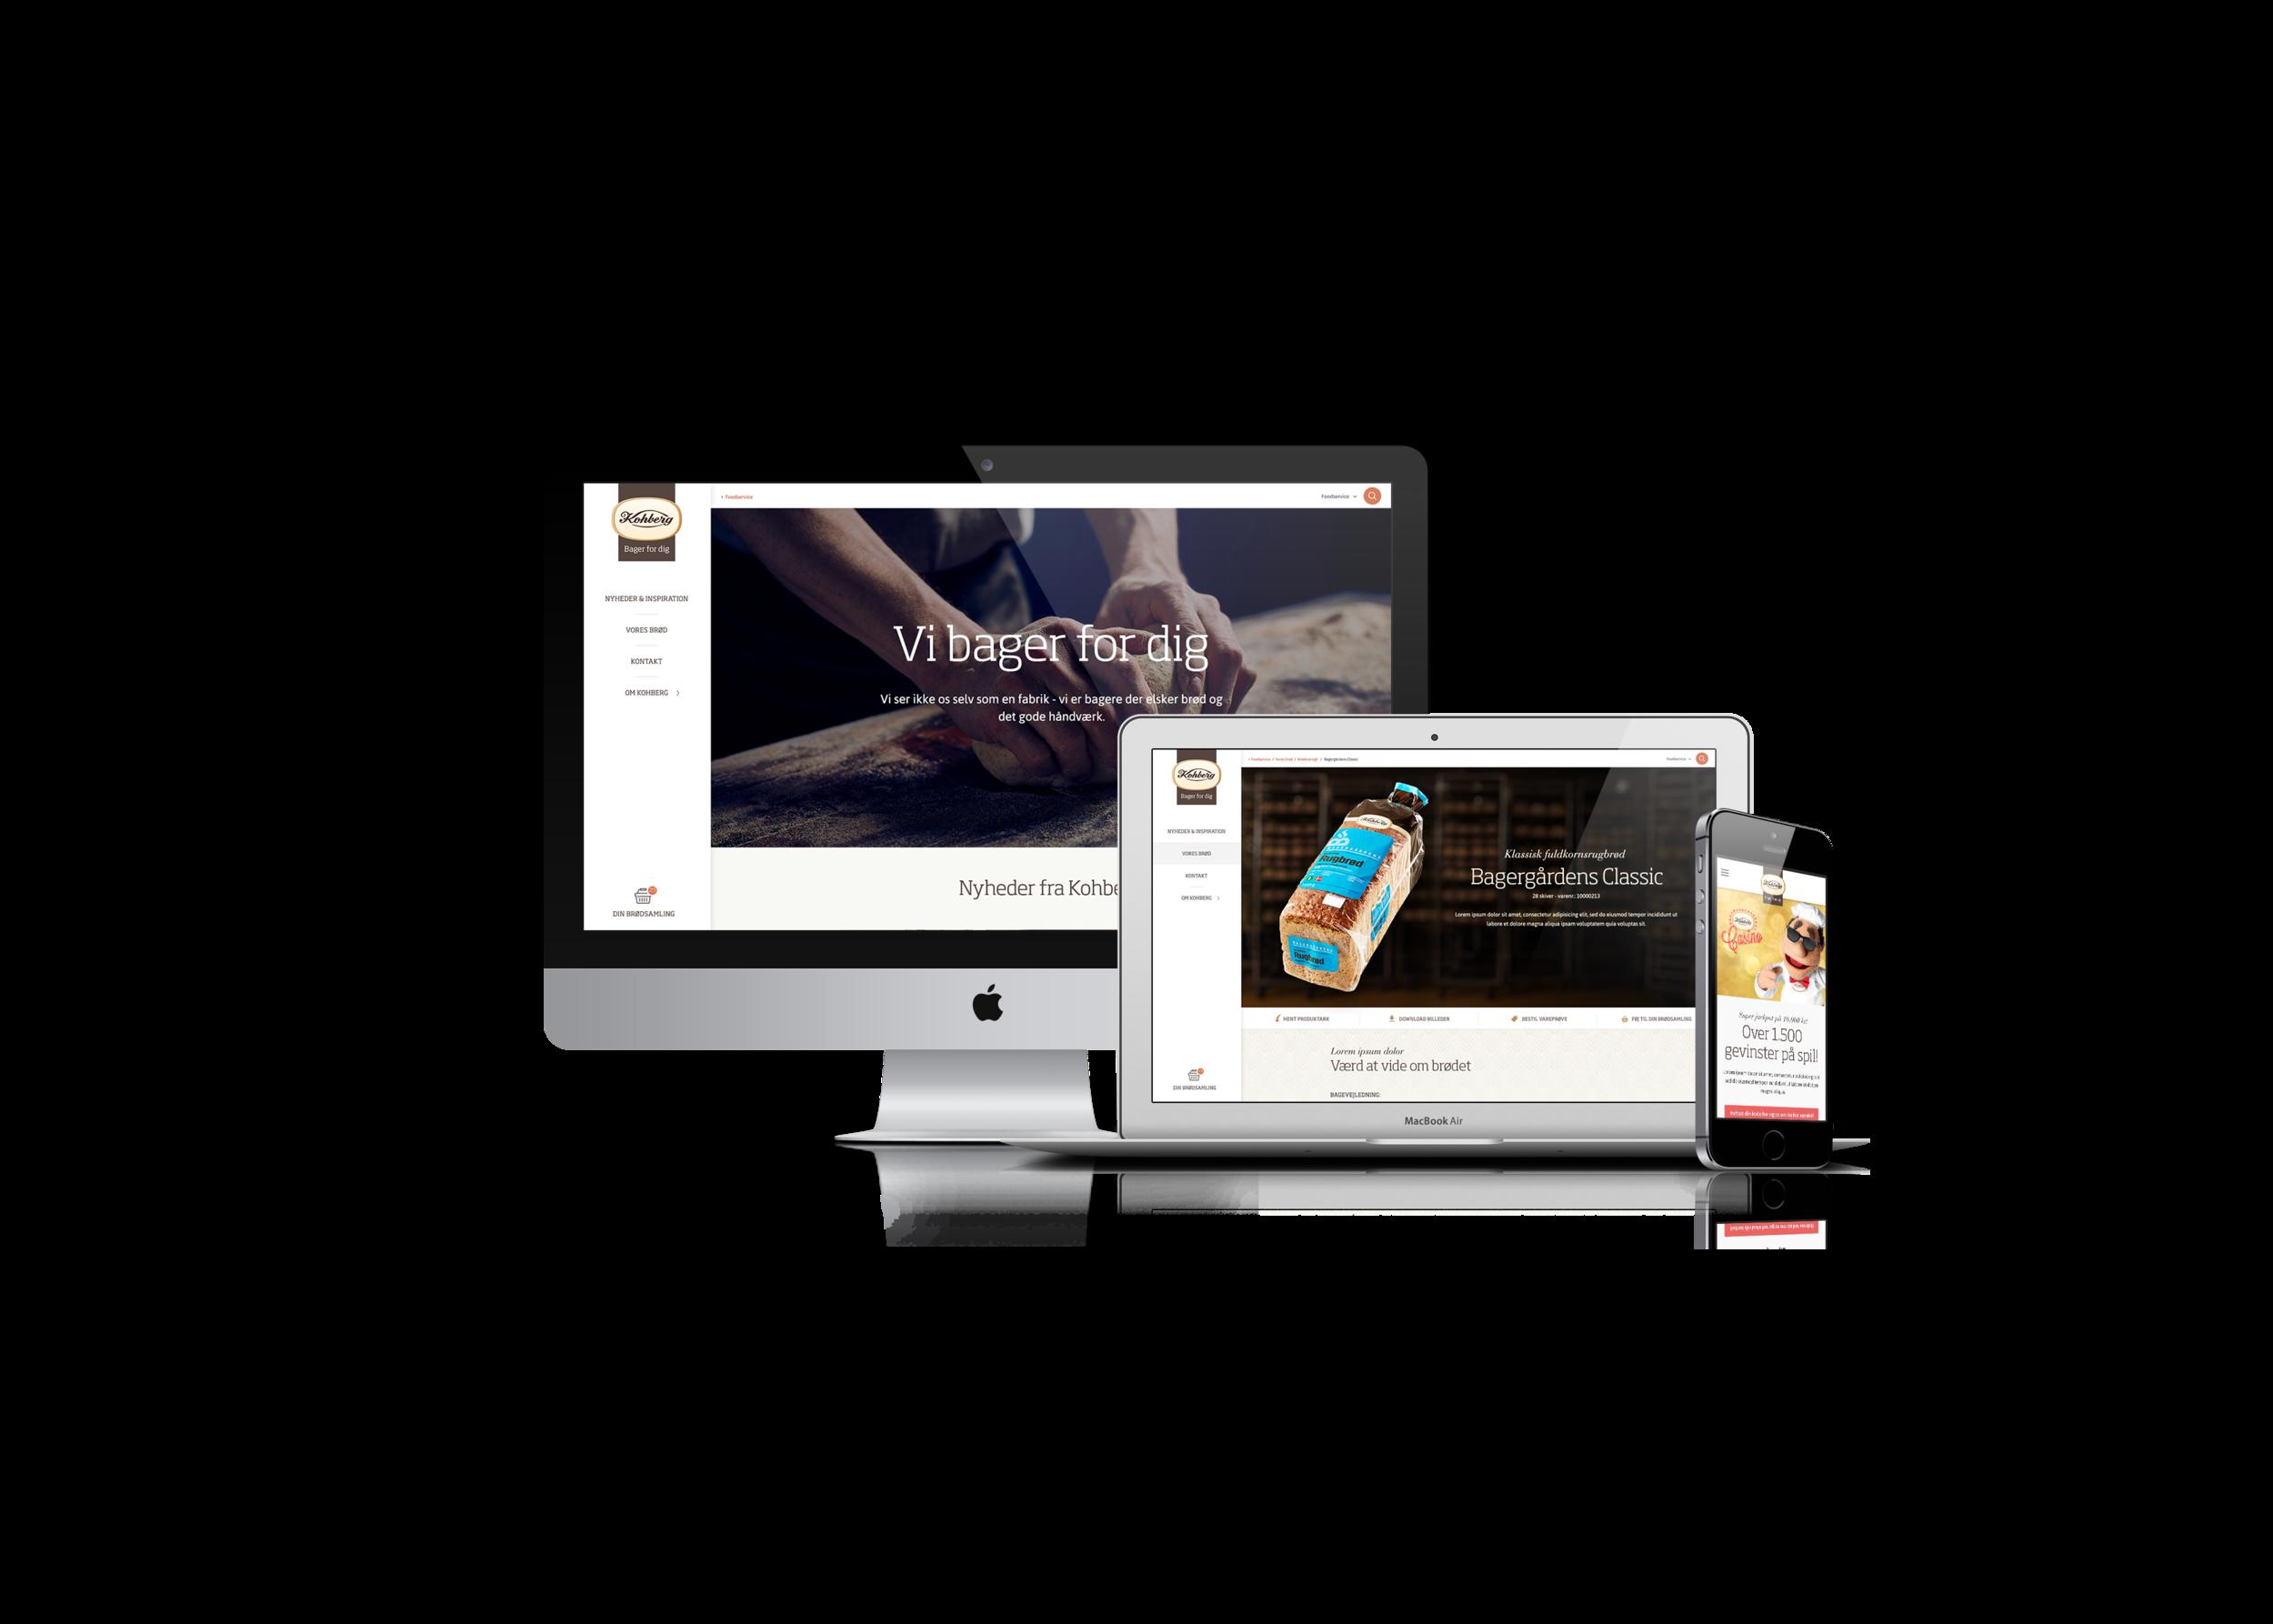 Kohberg understøtter både deres egne og deres kunders behov, på tværs af segmenter og afdelinger, med deres nye webplatform.